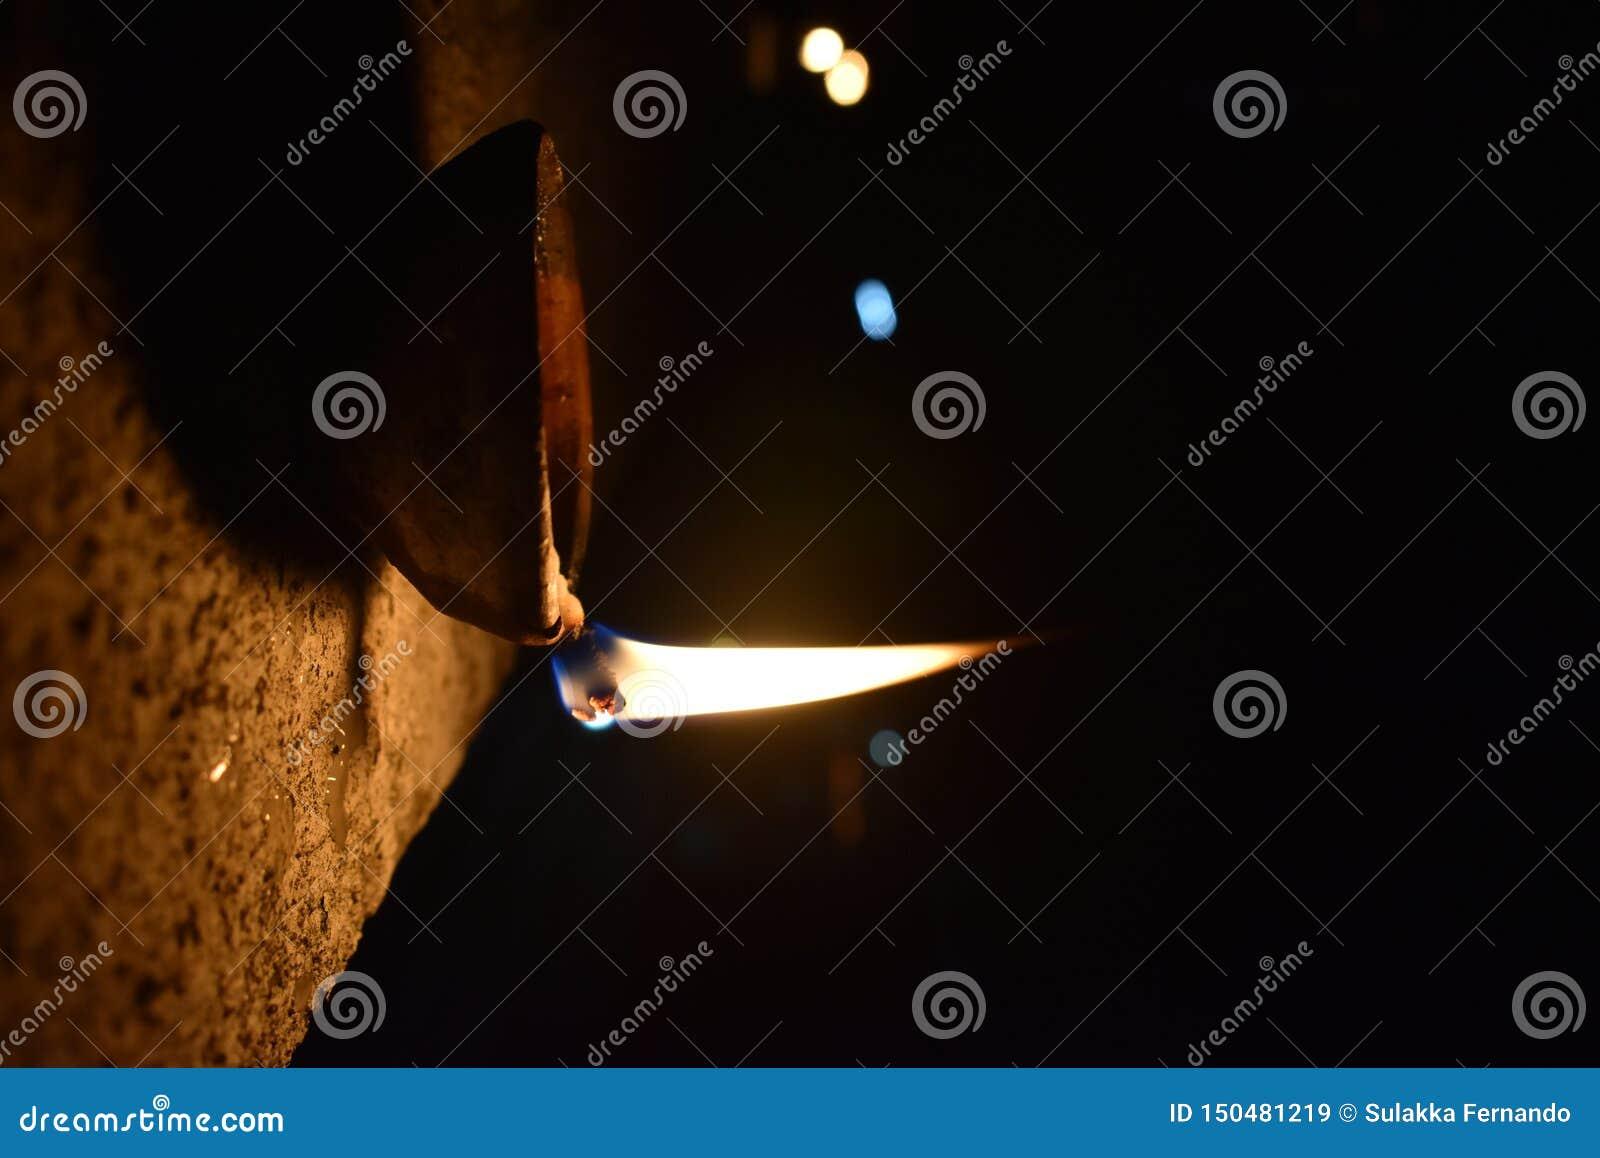 Bild einer beleuchteten Öllampe